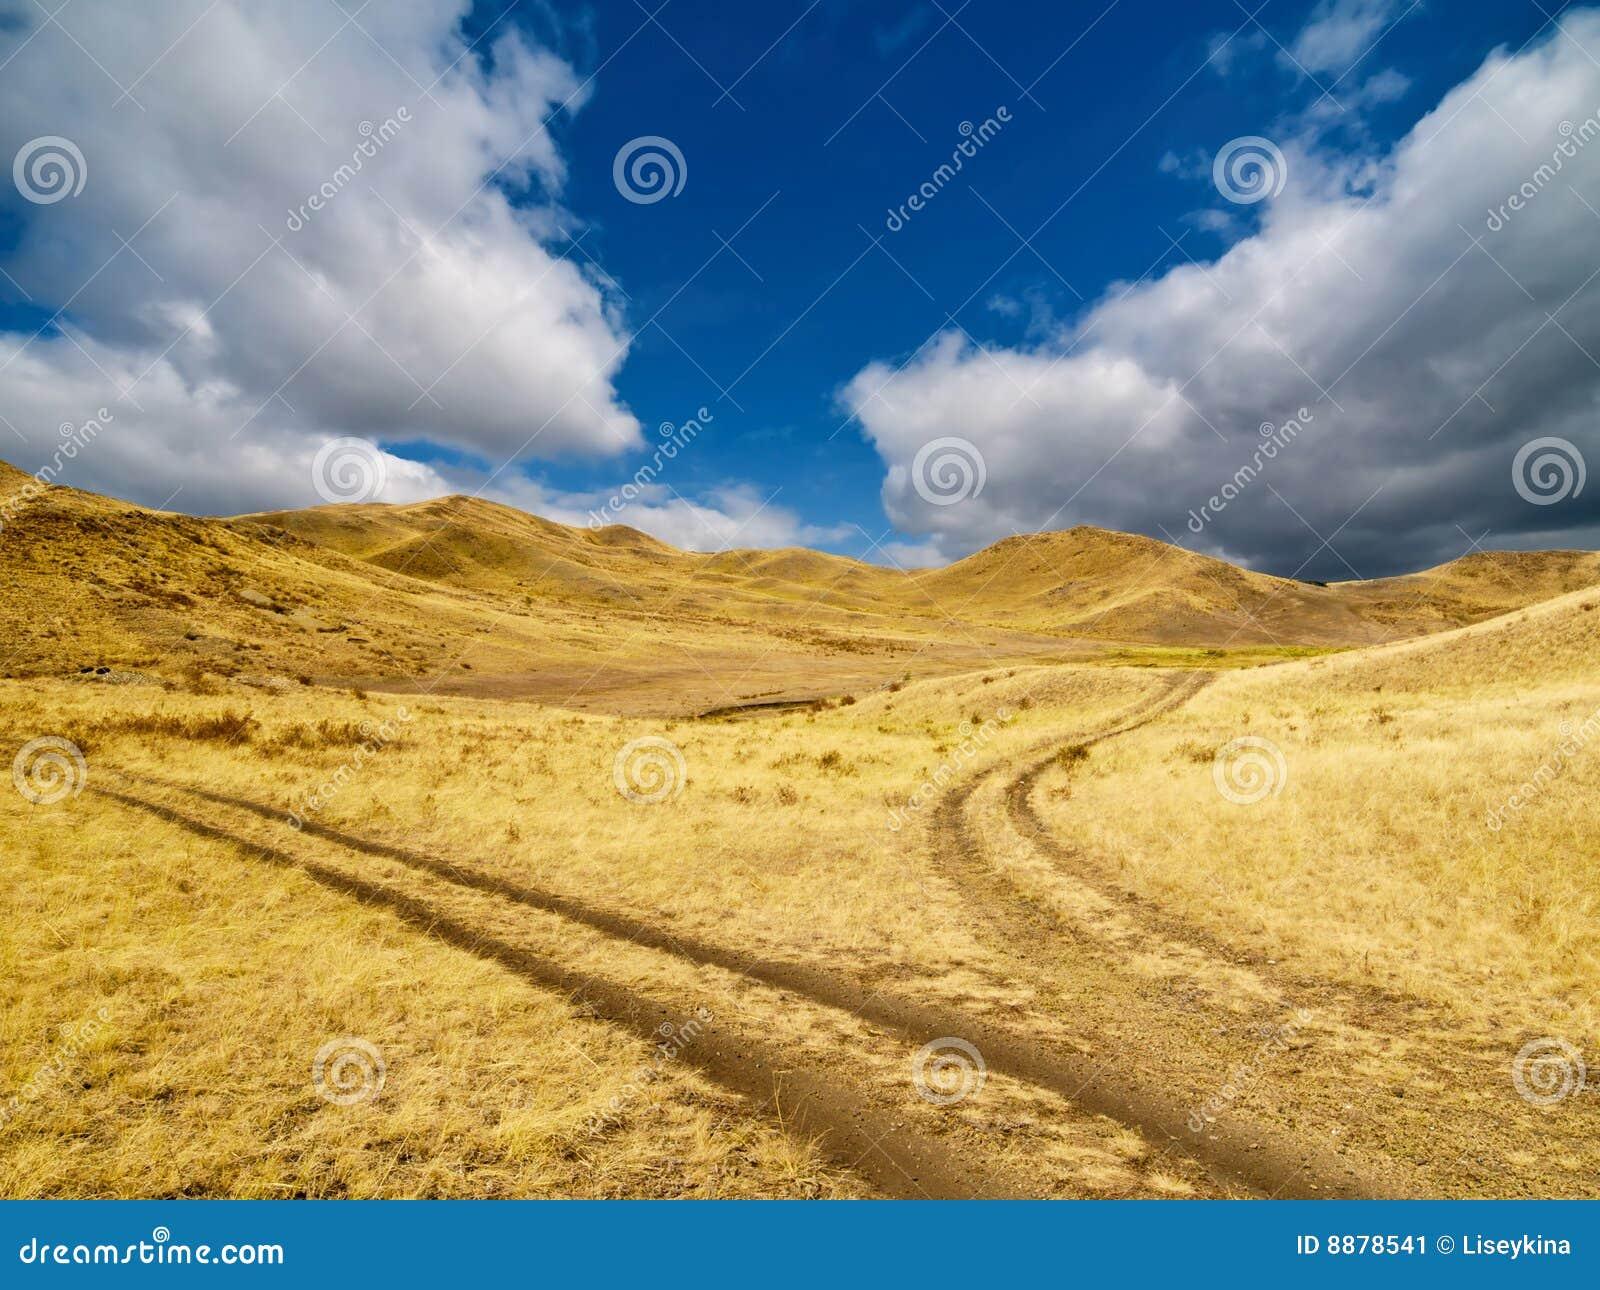 развлетвлянная дорога горного склона